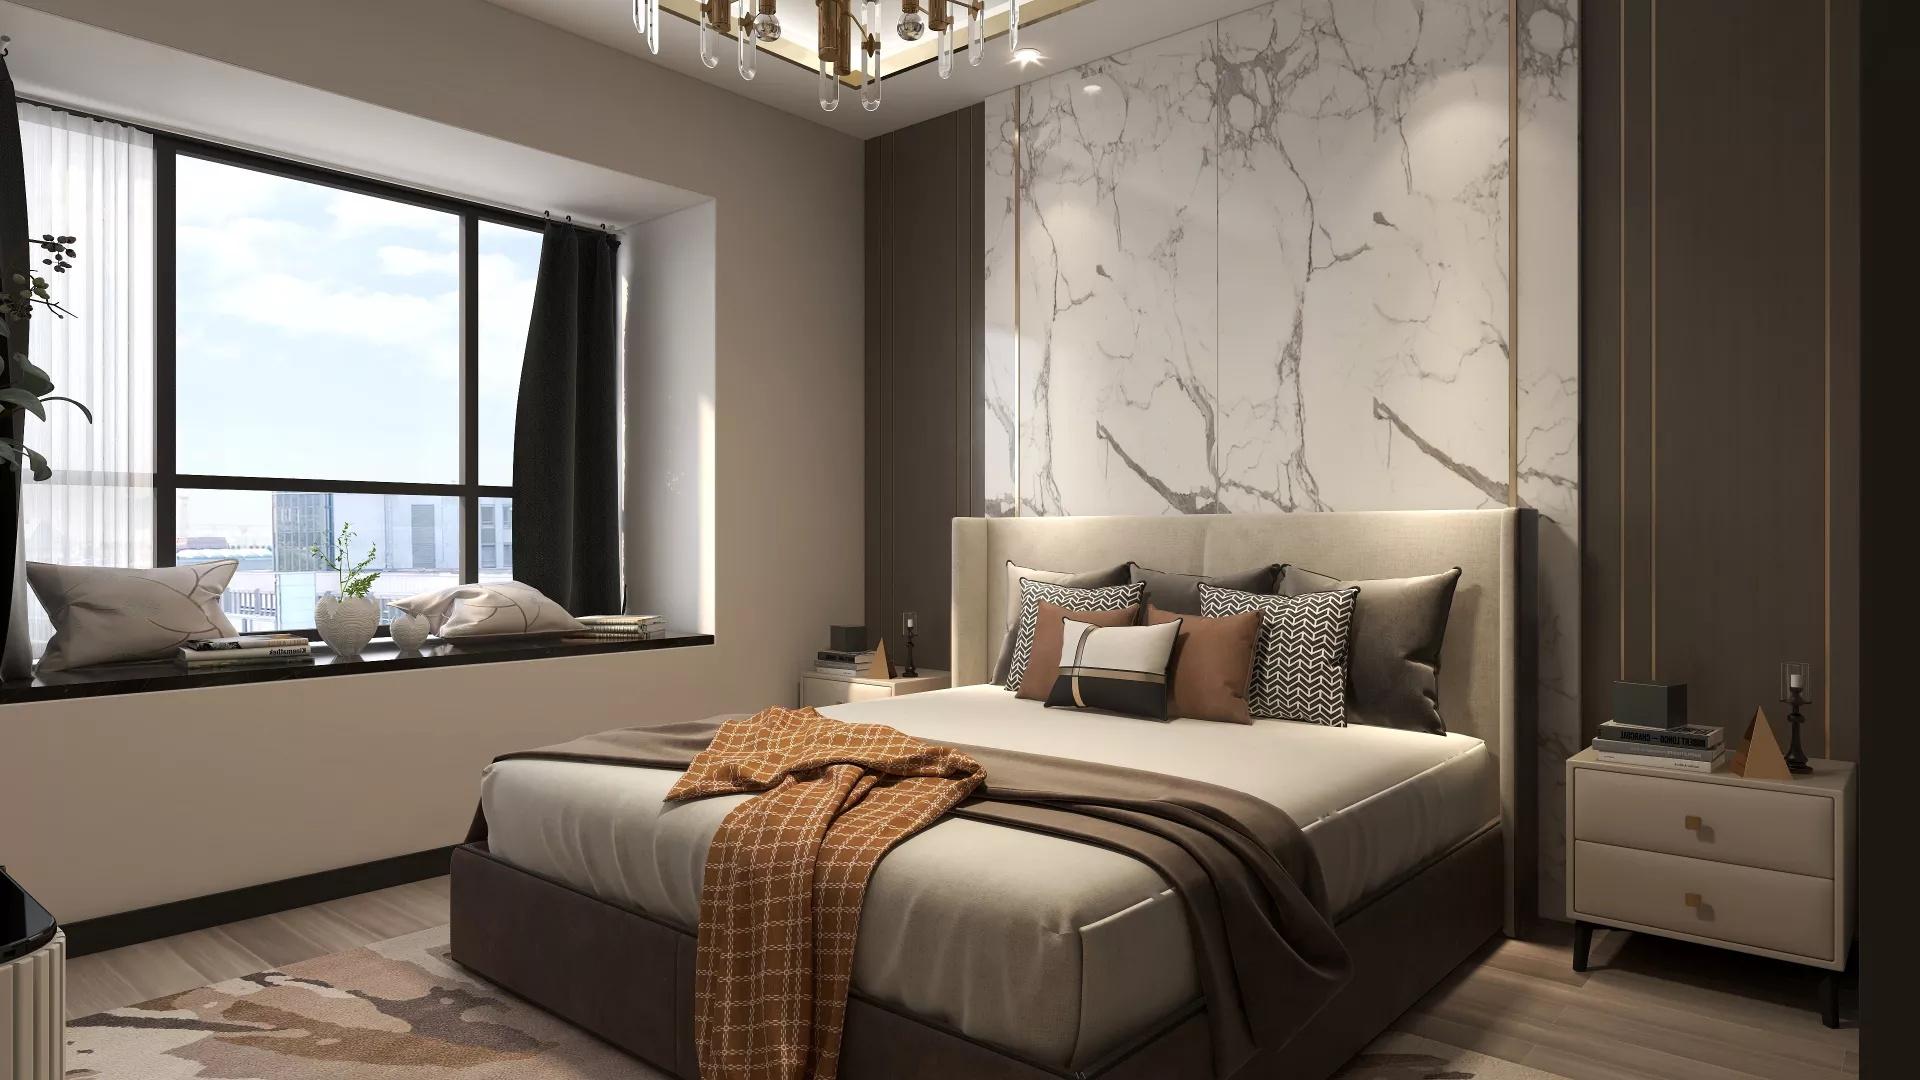 地中海风格浪漫时尚型客厅装修效果图